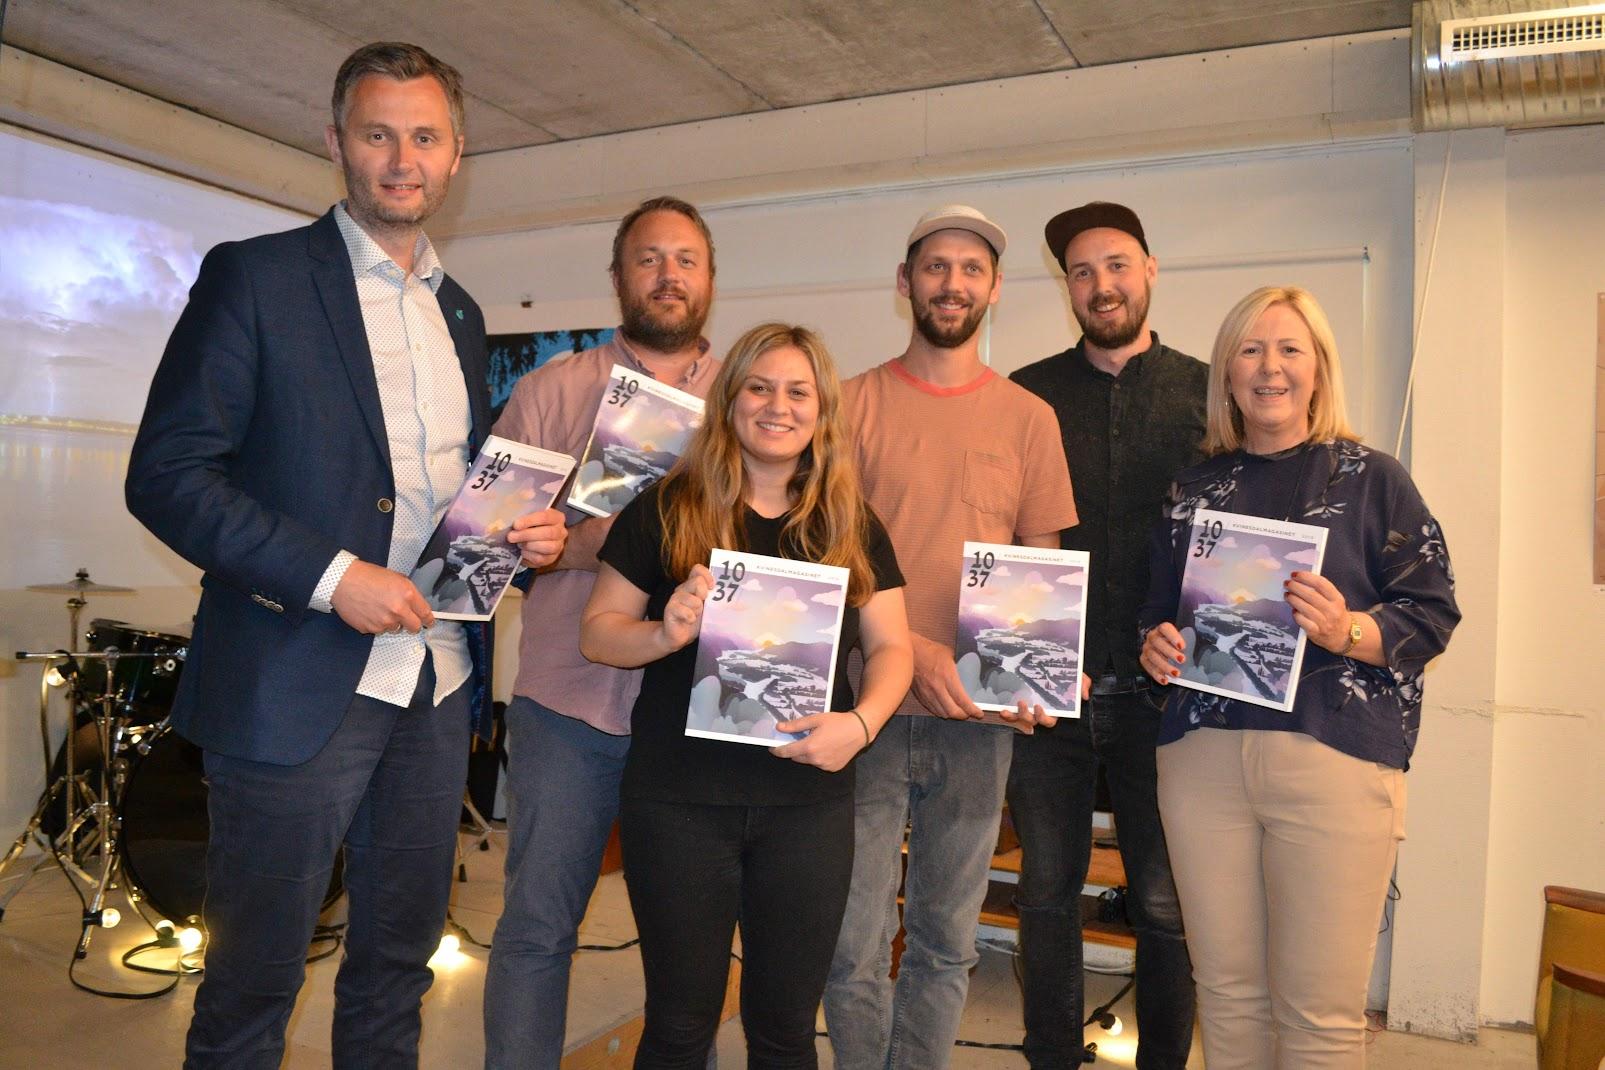 På bilde: Ordfører Per Sverre Kvinlaug, Frode Aagedal, Sunniva Rognmo Thakre, Frode Skaren, Scott Basgaard og næringssjef Liv Øyulvstad.